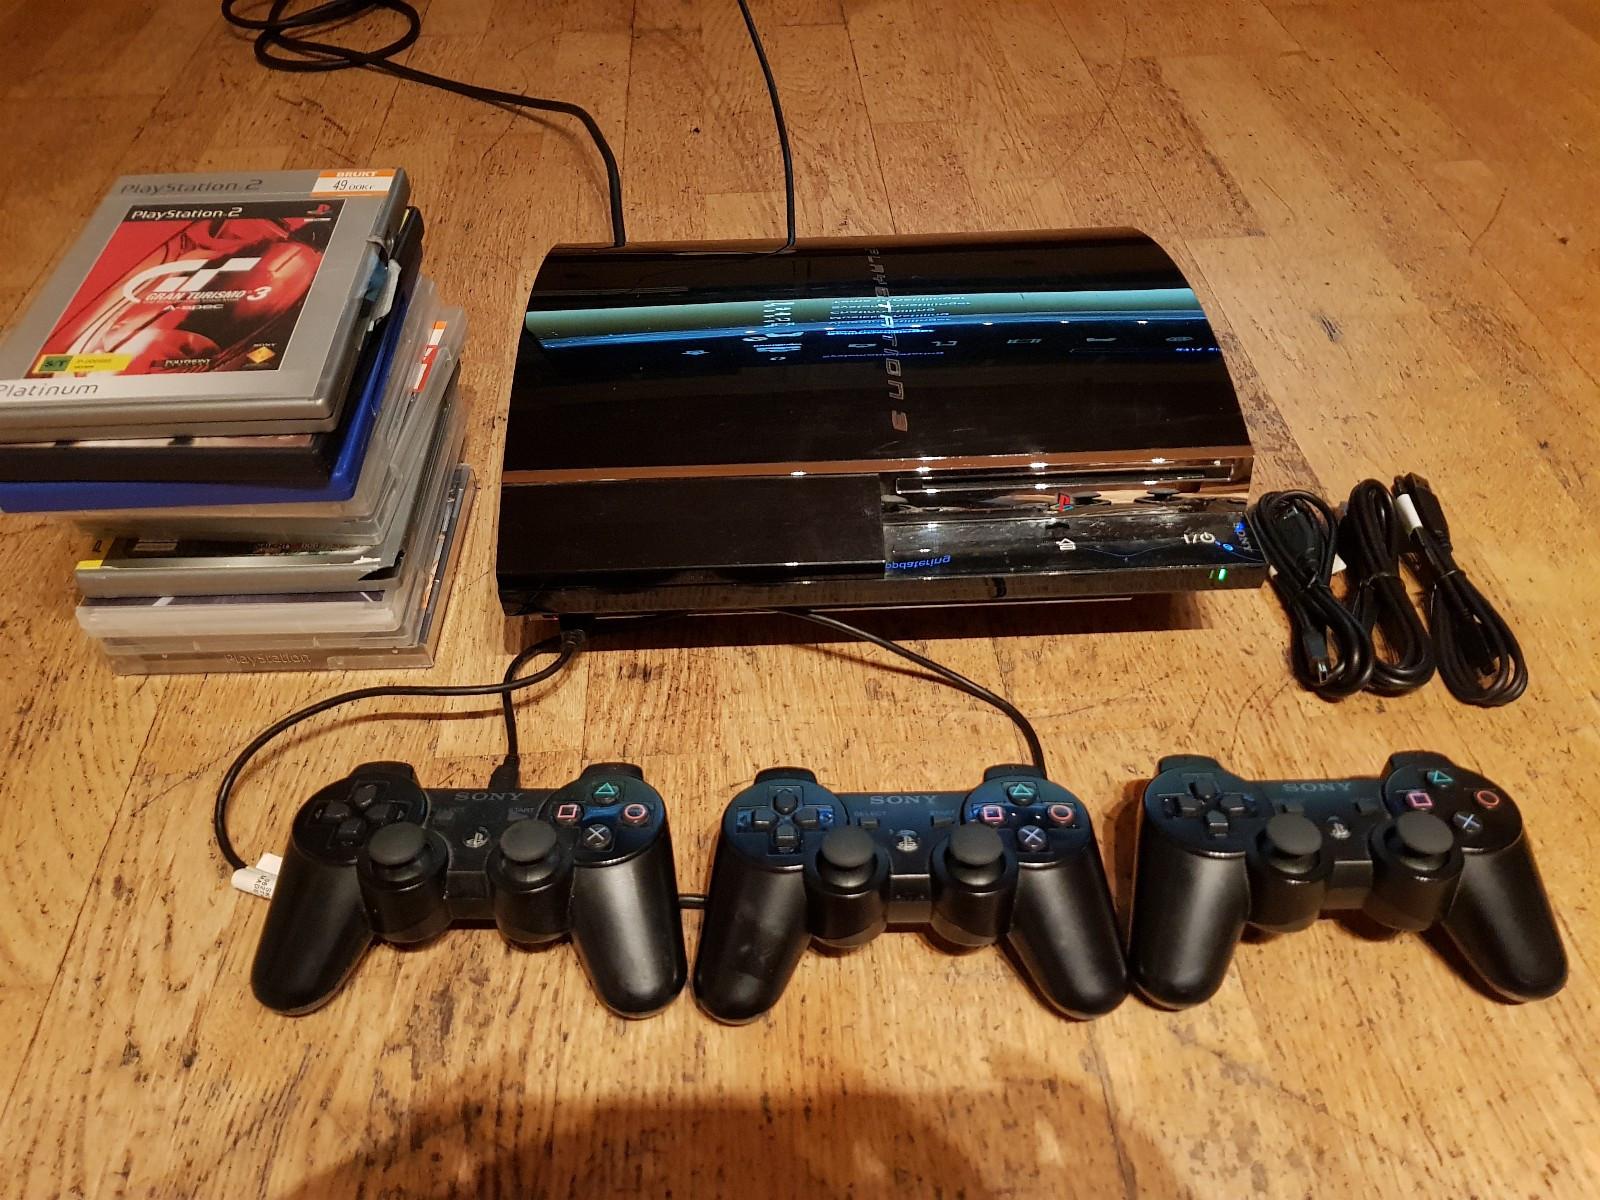 PS3 1gen med spill+tilbehør - Vikersund  - Selger PS3 60GB 1 generasjon som kan spille ps1 og ps2 spill.Selges med 10 spill og 3 spaker+3 nye ladekabler som ikke er brukt.Maskinen virker som den skal. - Vikersund